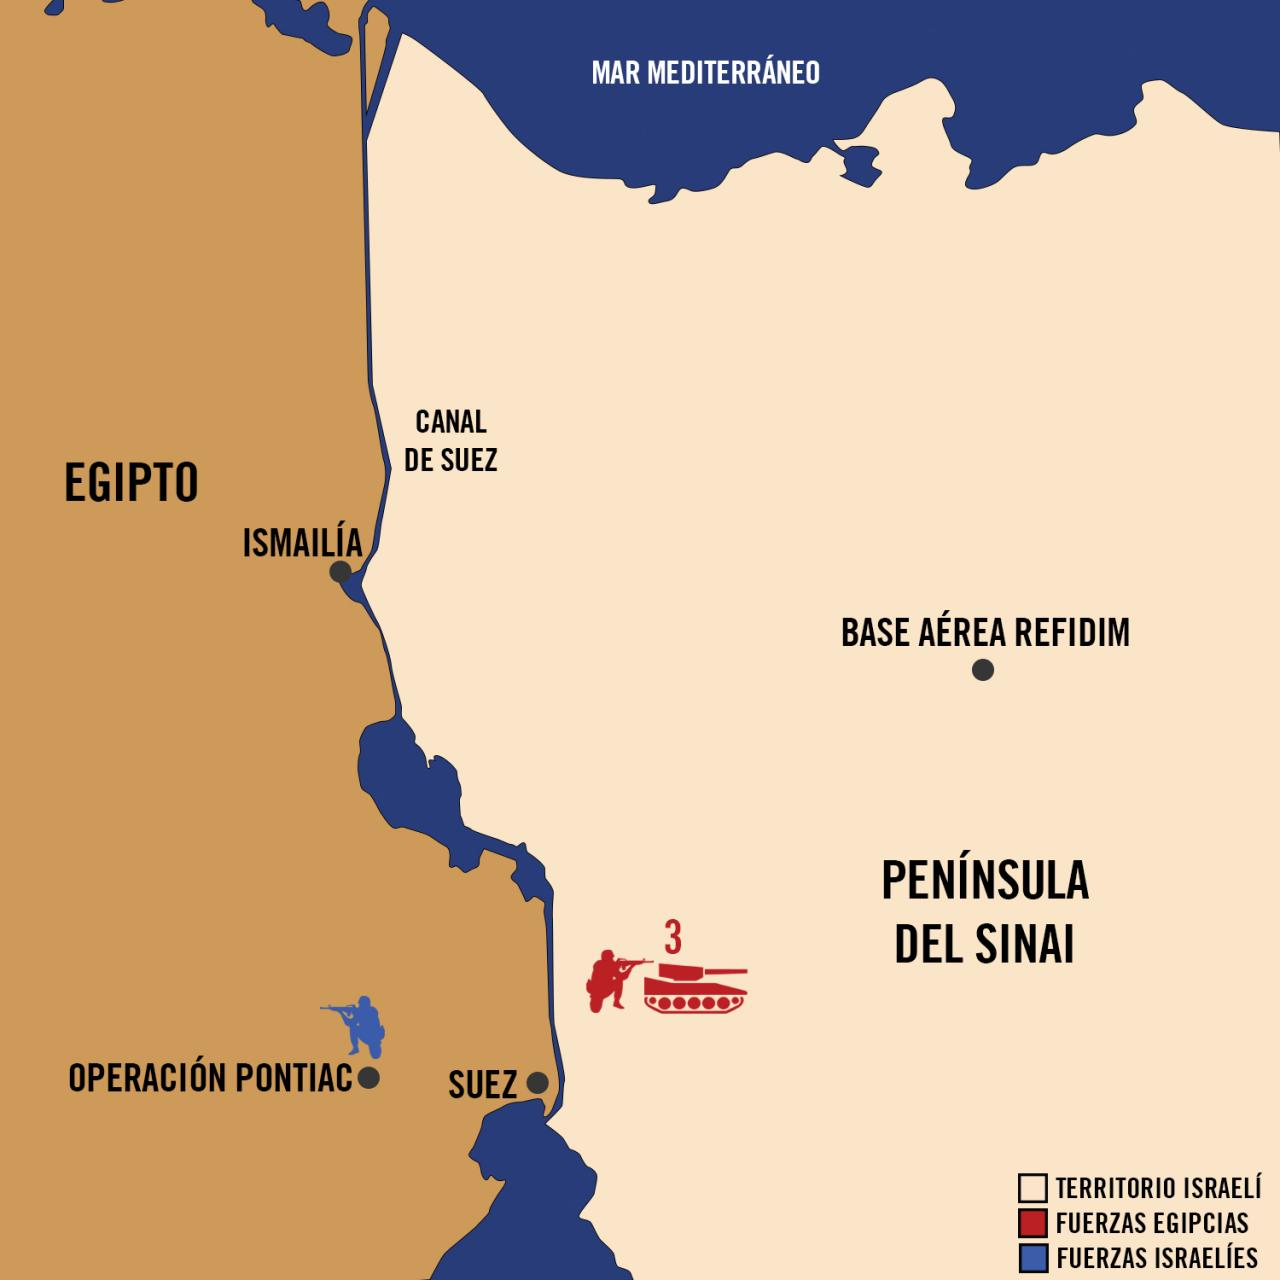 Mapa Yom Kipur - Operación Pontiac - Fuerzas de Defensa de Israel